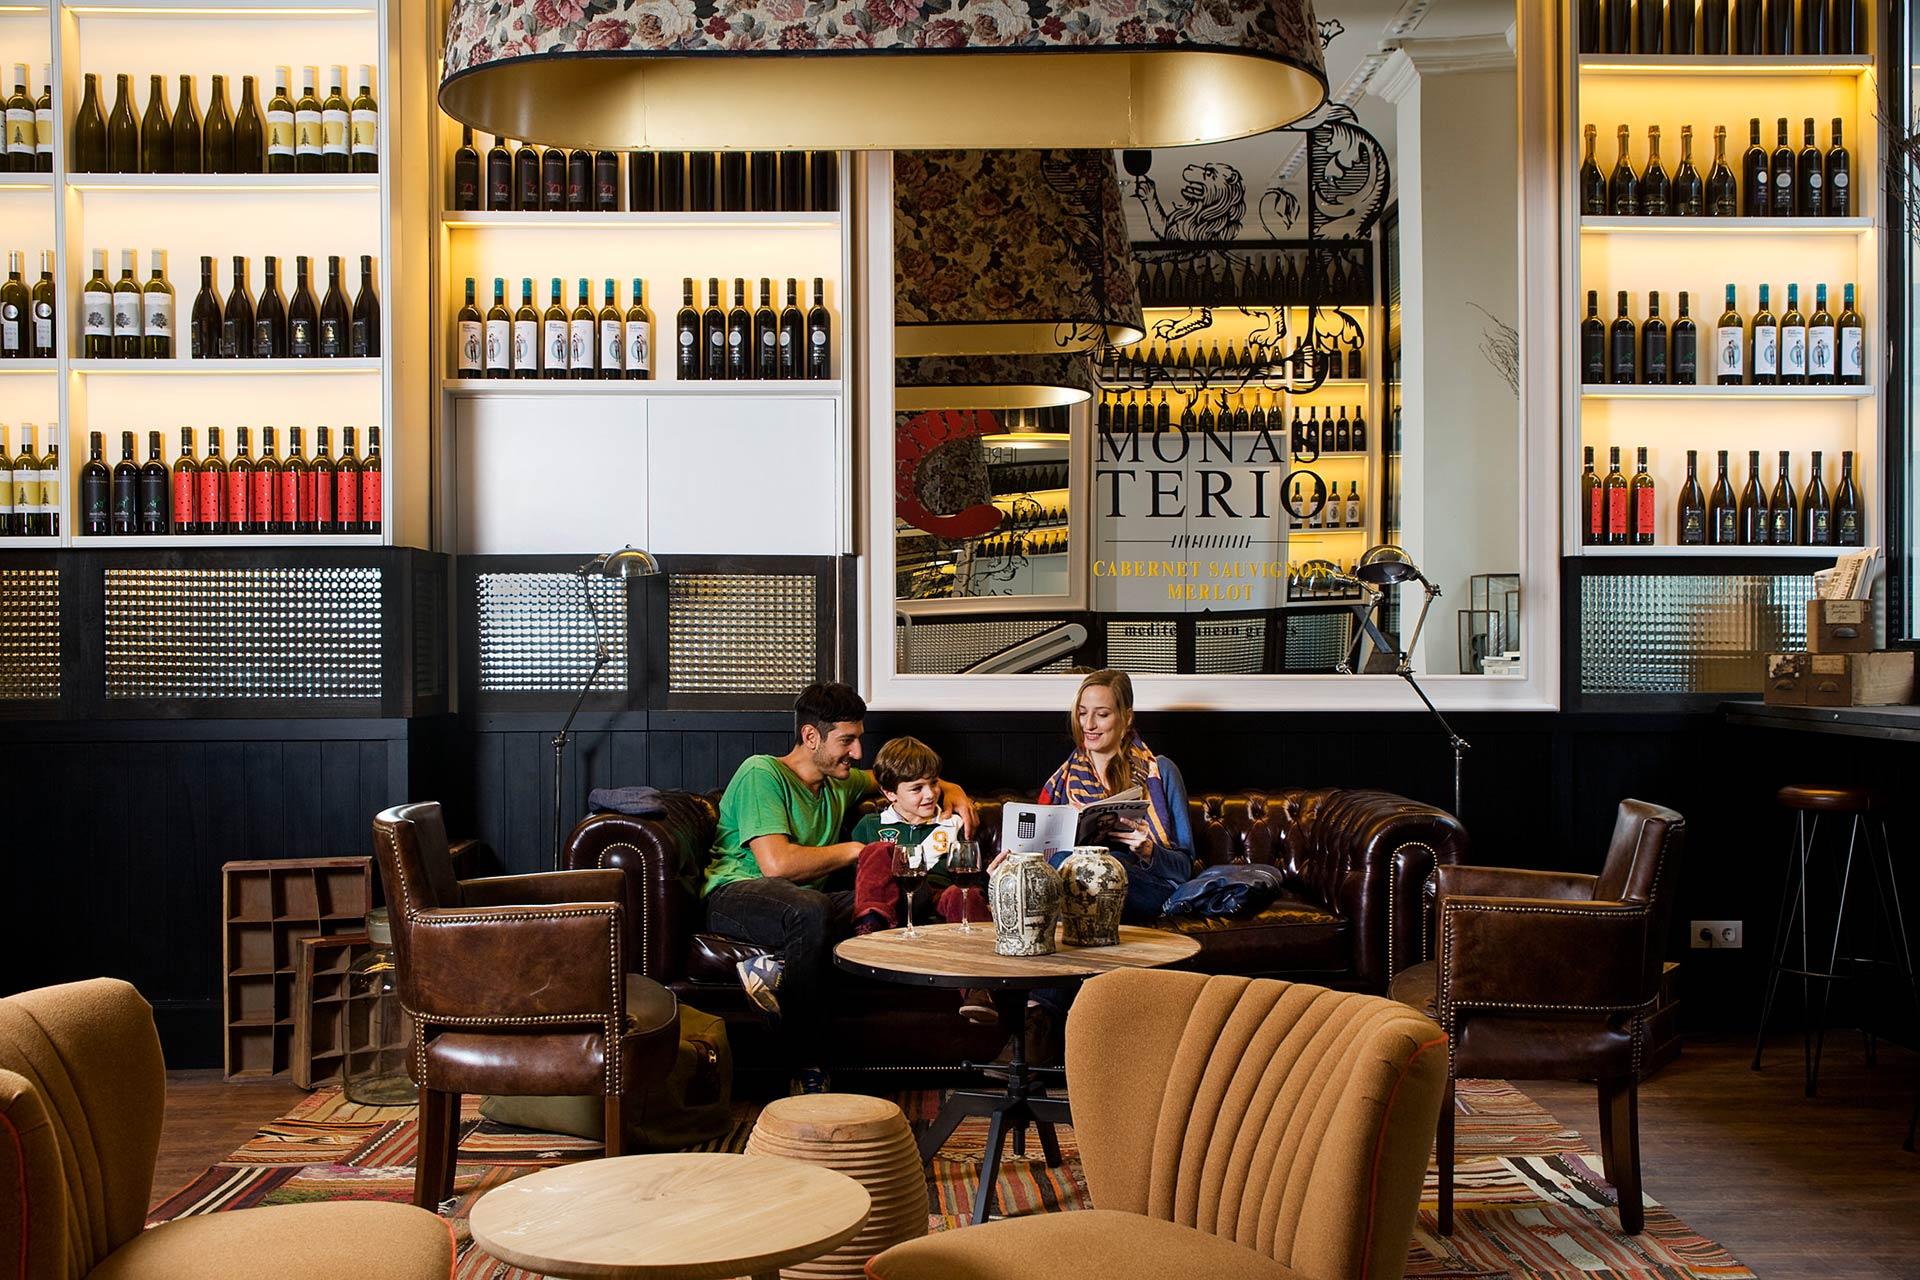 Praktik Vinoteca © Praktik Hotels